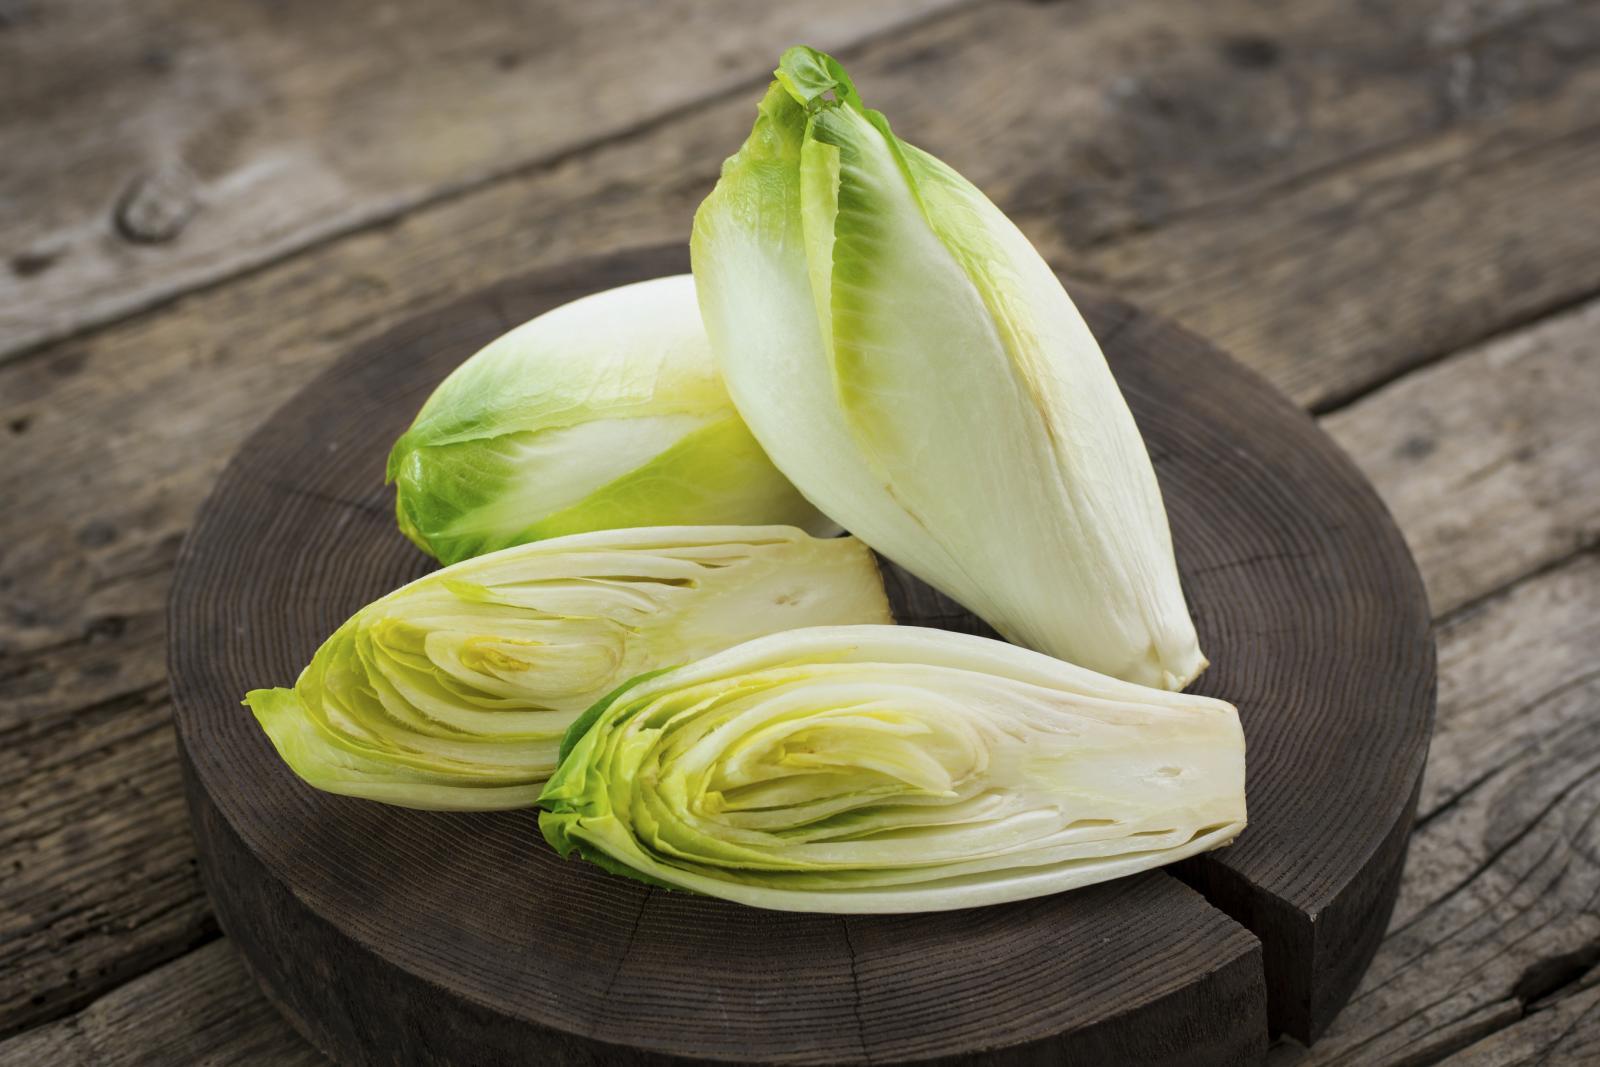 Salata od listova i korijena lisnate cikorije dobra je za liječenje probavnih organa.